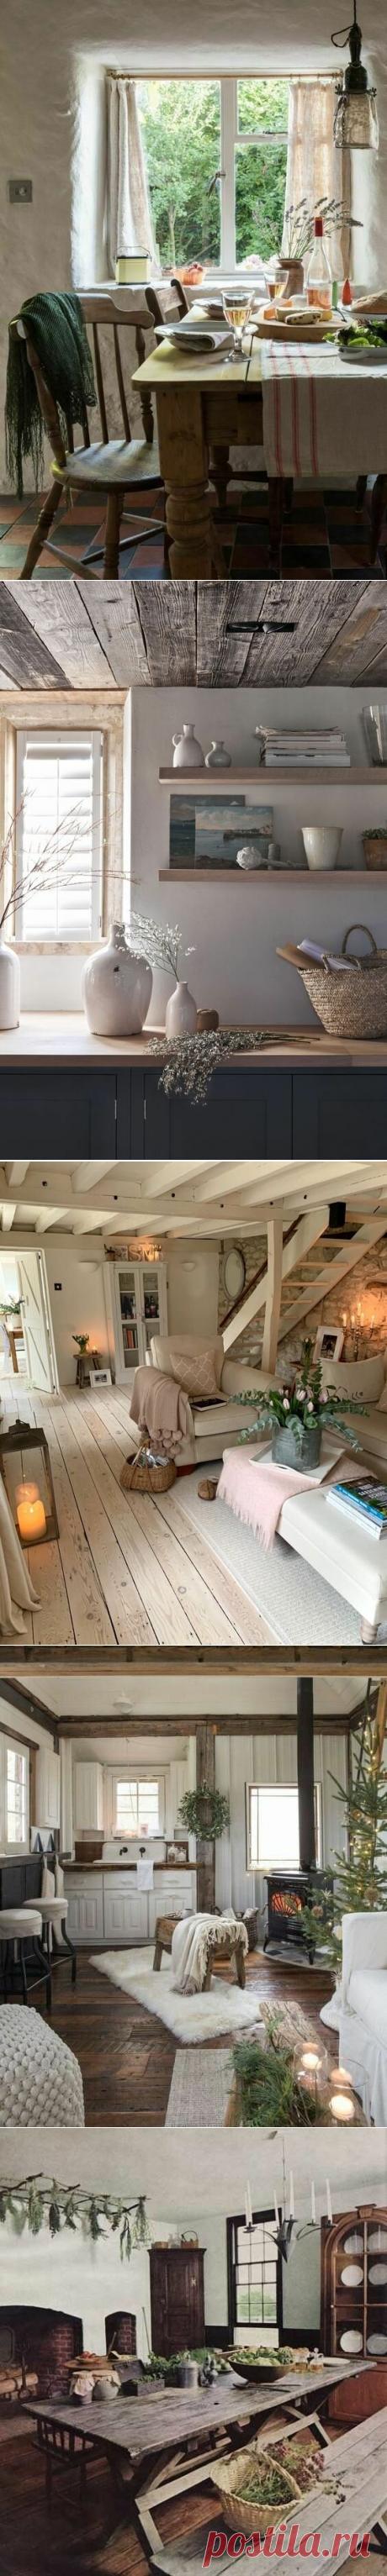 Если бы пришлось жить в старом саманном доме, то я бы потратился на мебель и декор, а не на капитальный ремонт   Дом на Безымянной   Яндекс Дзен